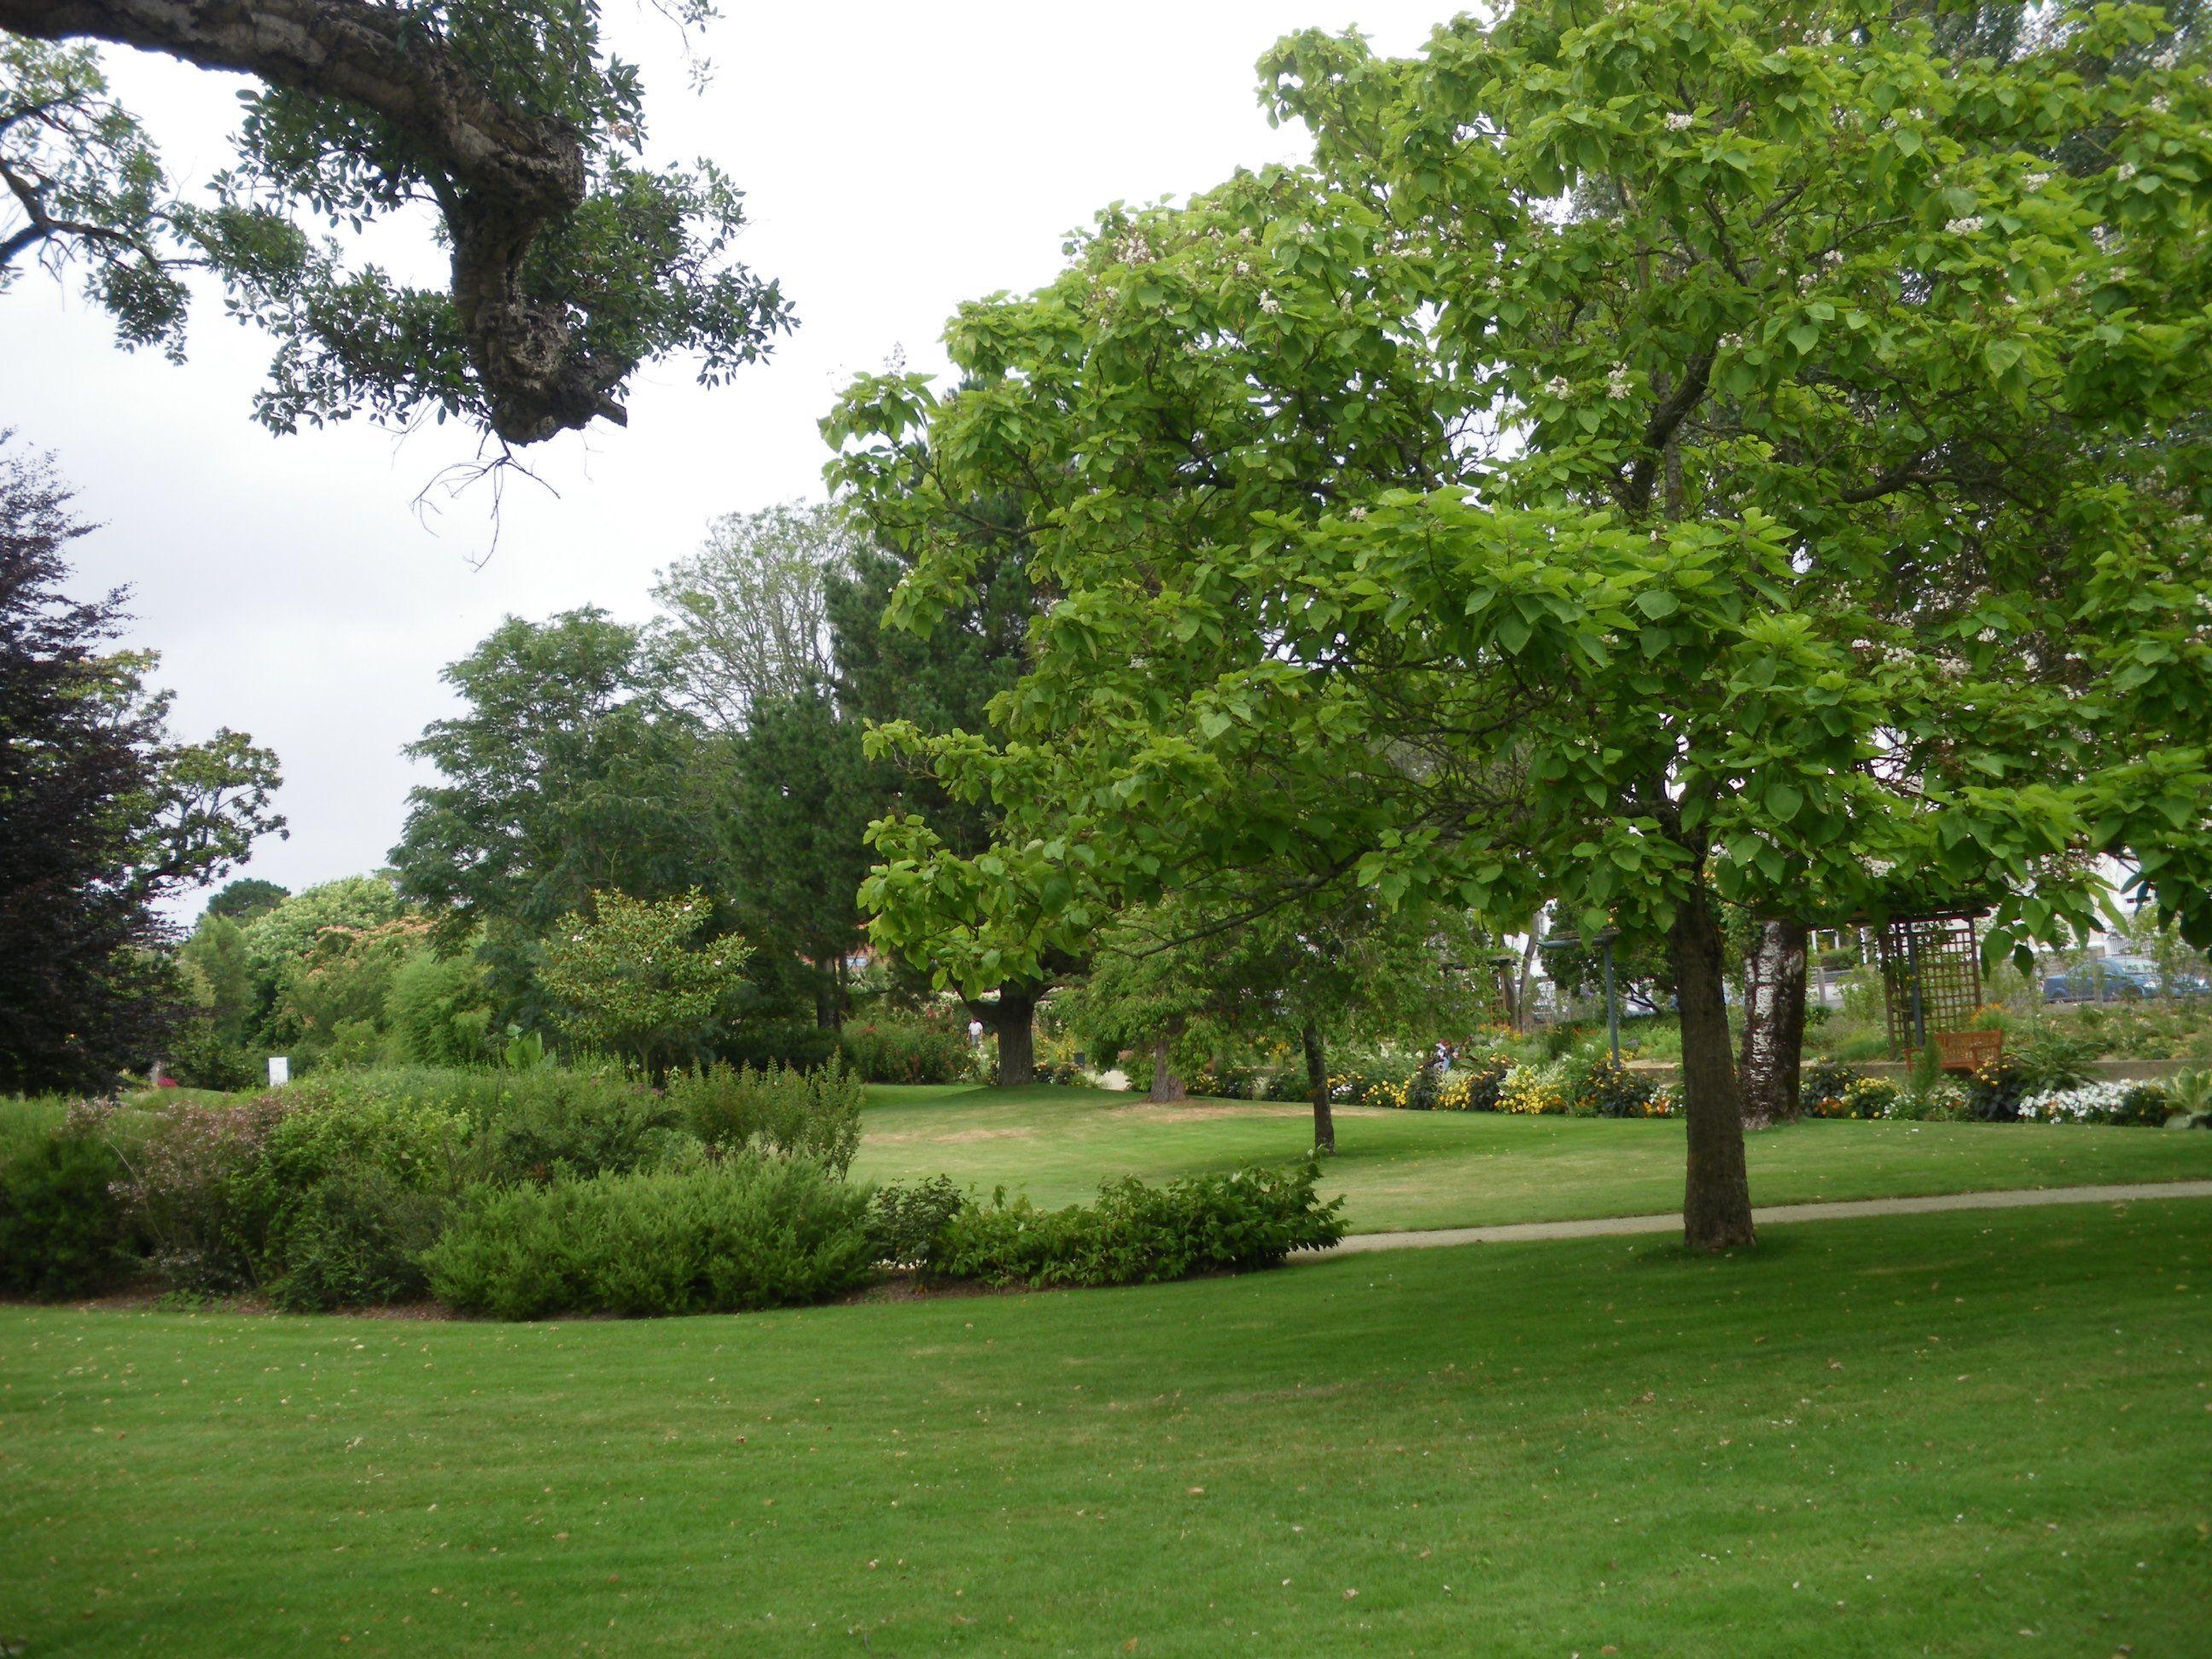 Jardin des plantes saint nazaire loire atlantique for Atlantique jardin